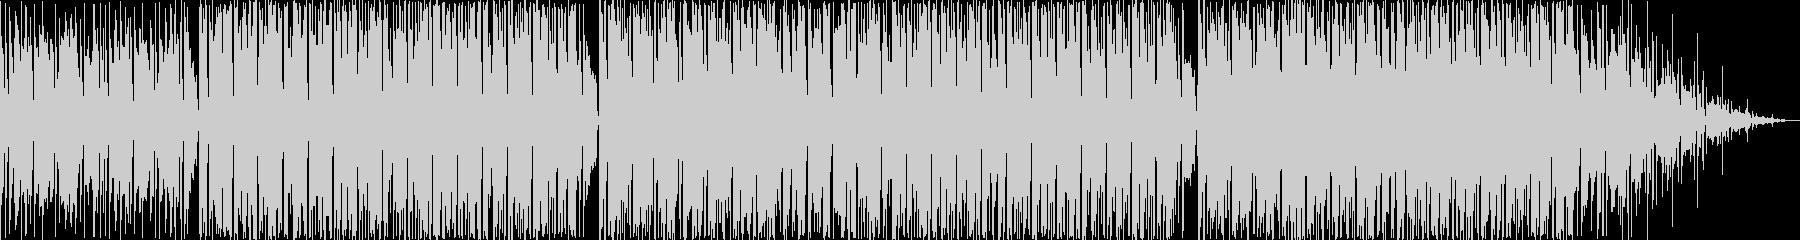 軽快で前向きなHiphopBeatの未再生の波形